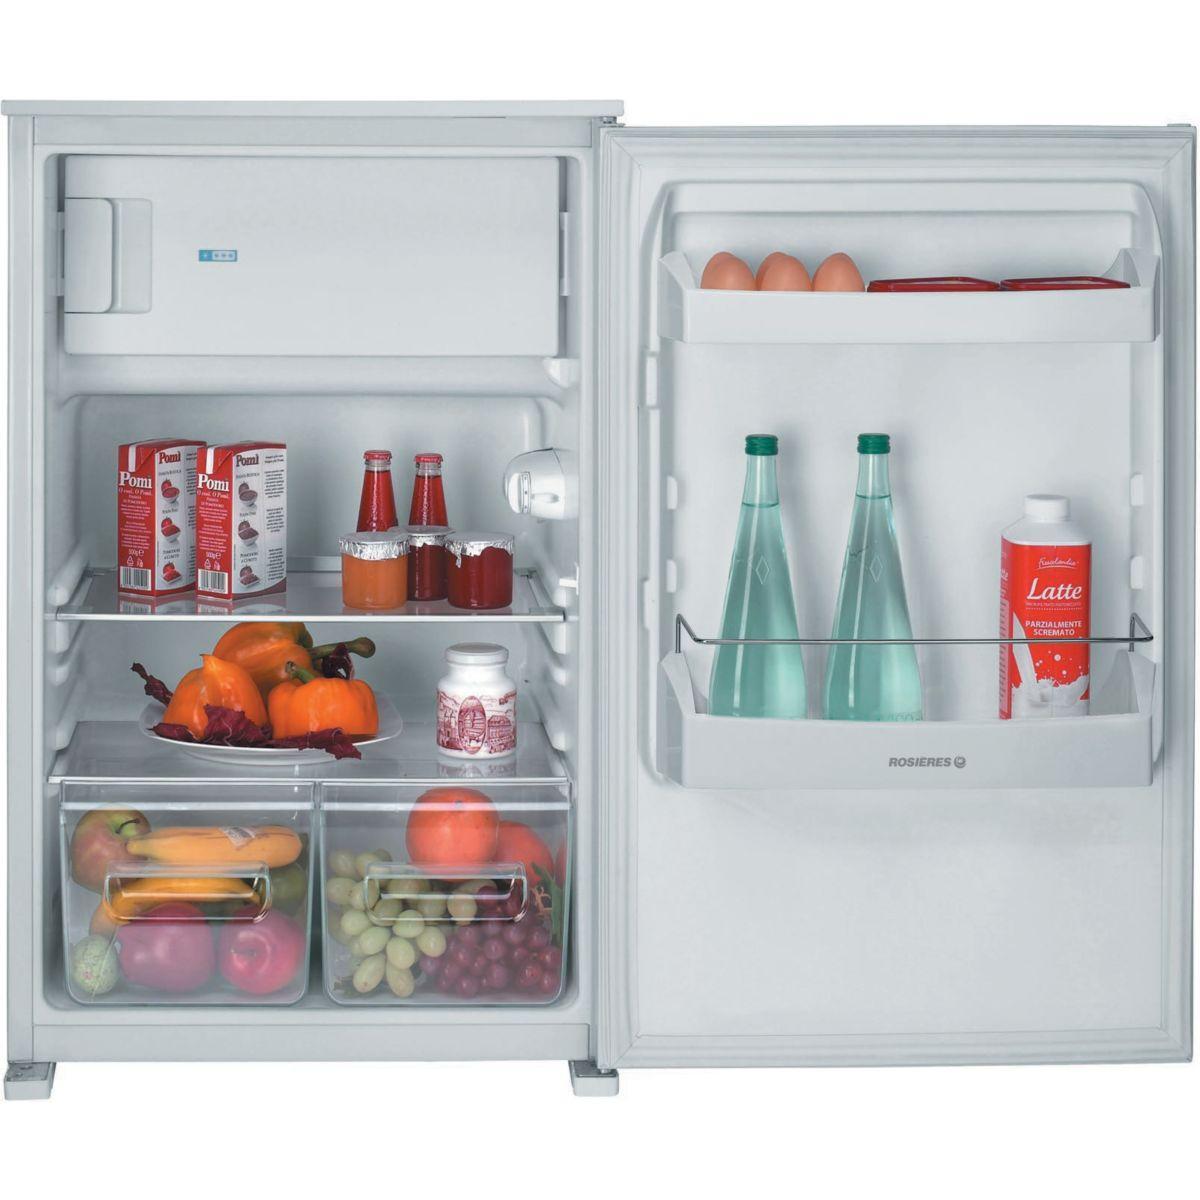 Réfrigérateur encastrable rosieres rbop174 - 10% de remise immédiate avec le code : cool10 (photo)